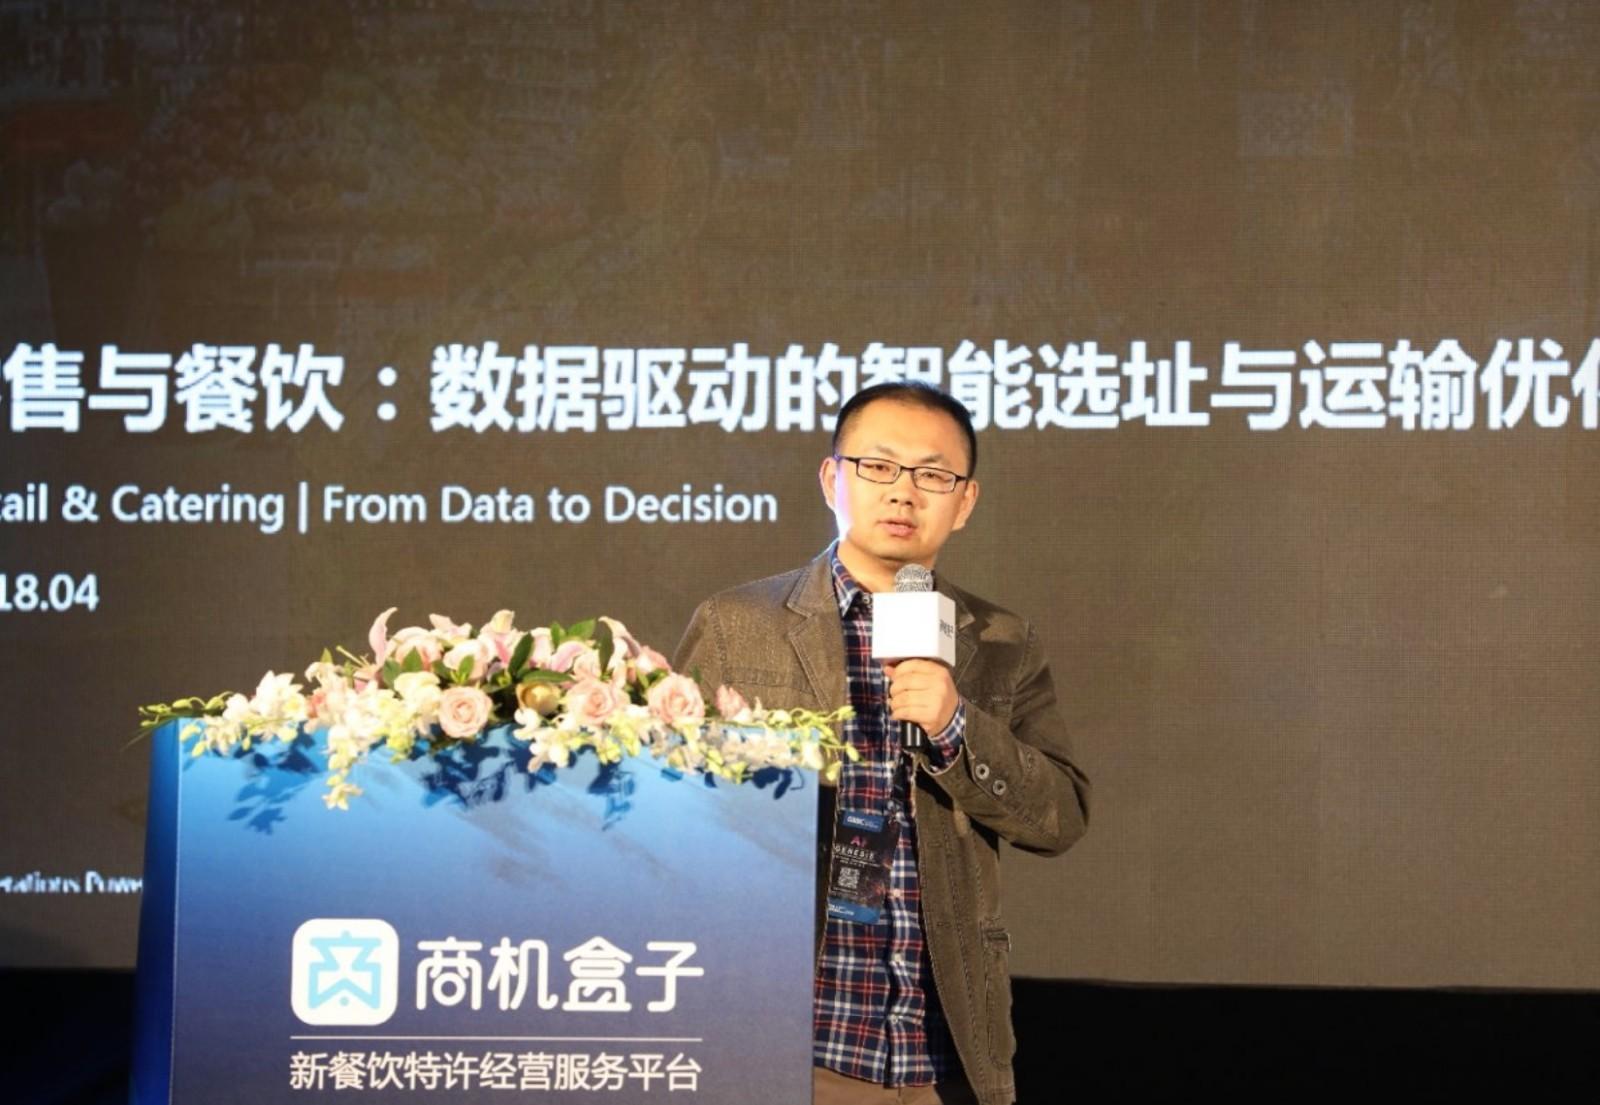 清华大学李建:人工智能在新餐饮的挑战与优化-产品公社